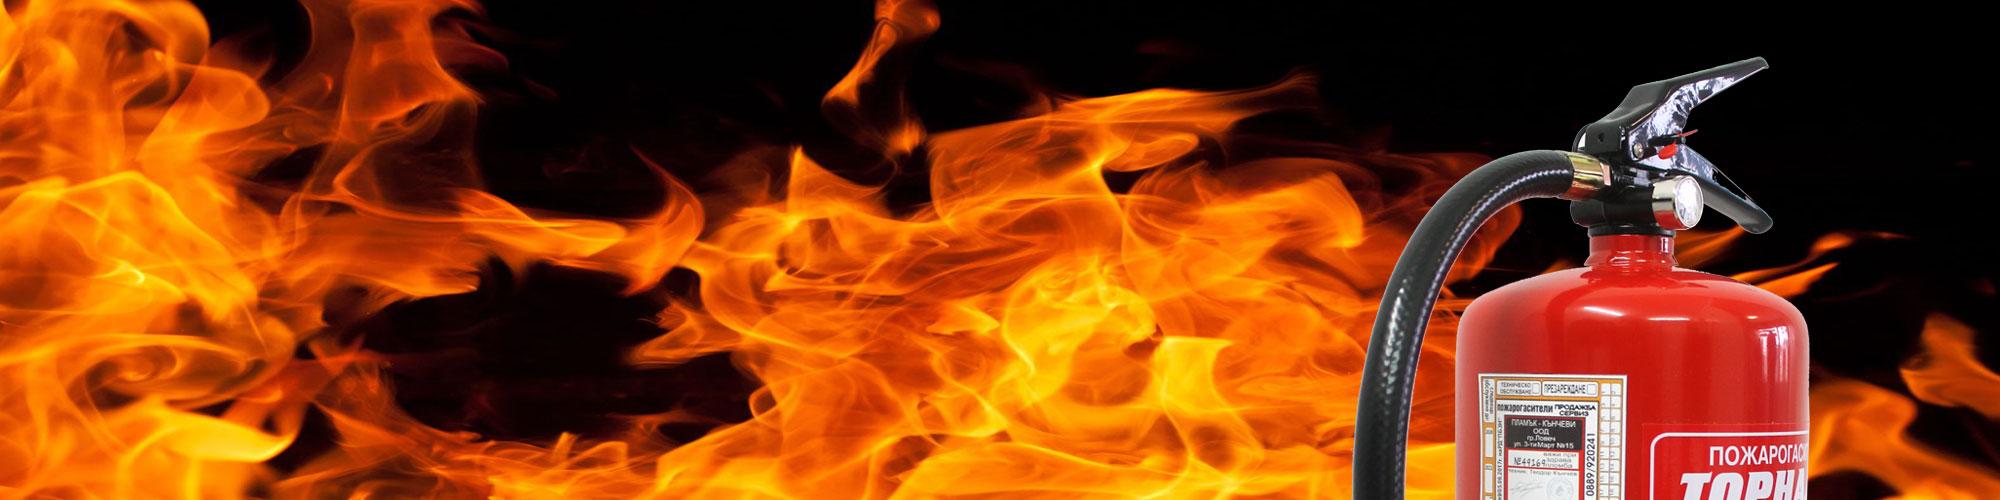 Адресируем оптичен пожароизвестител 7130